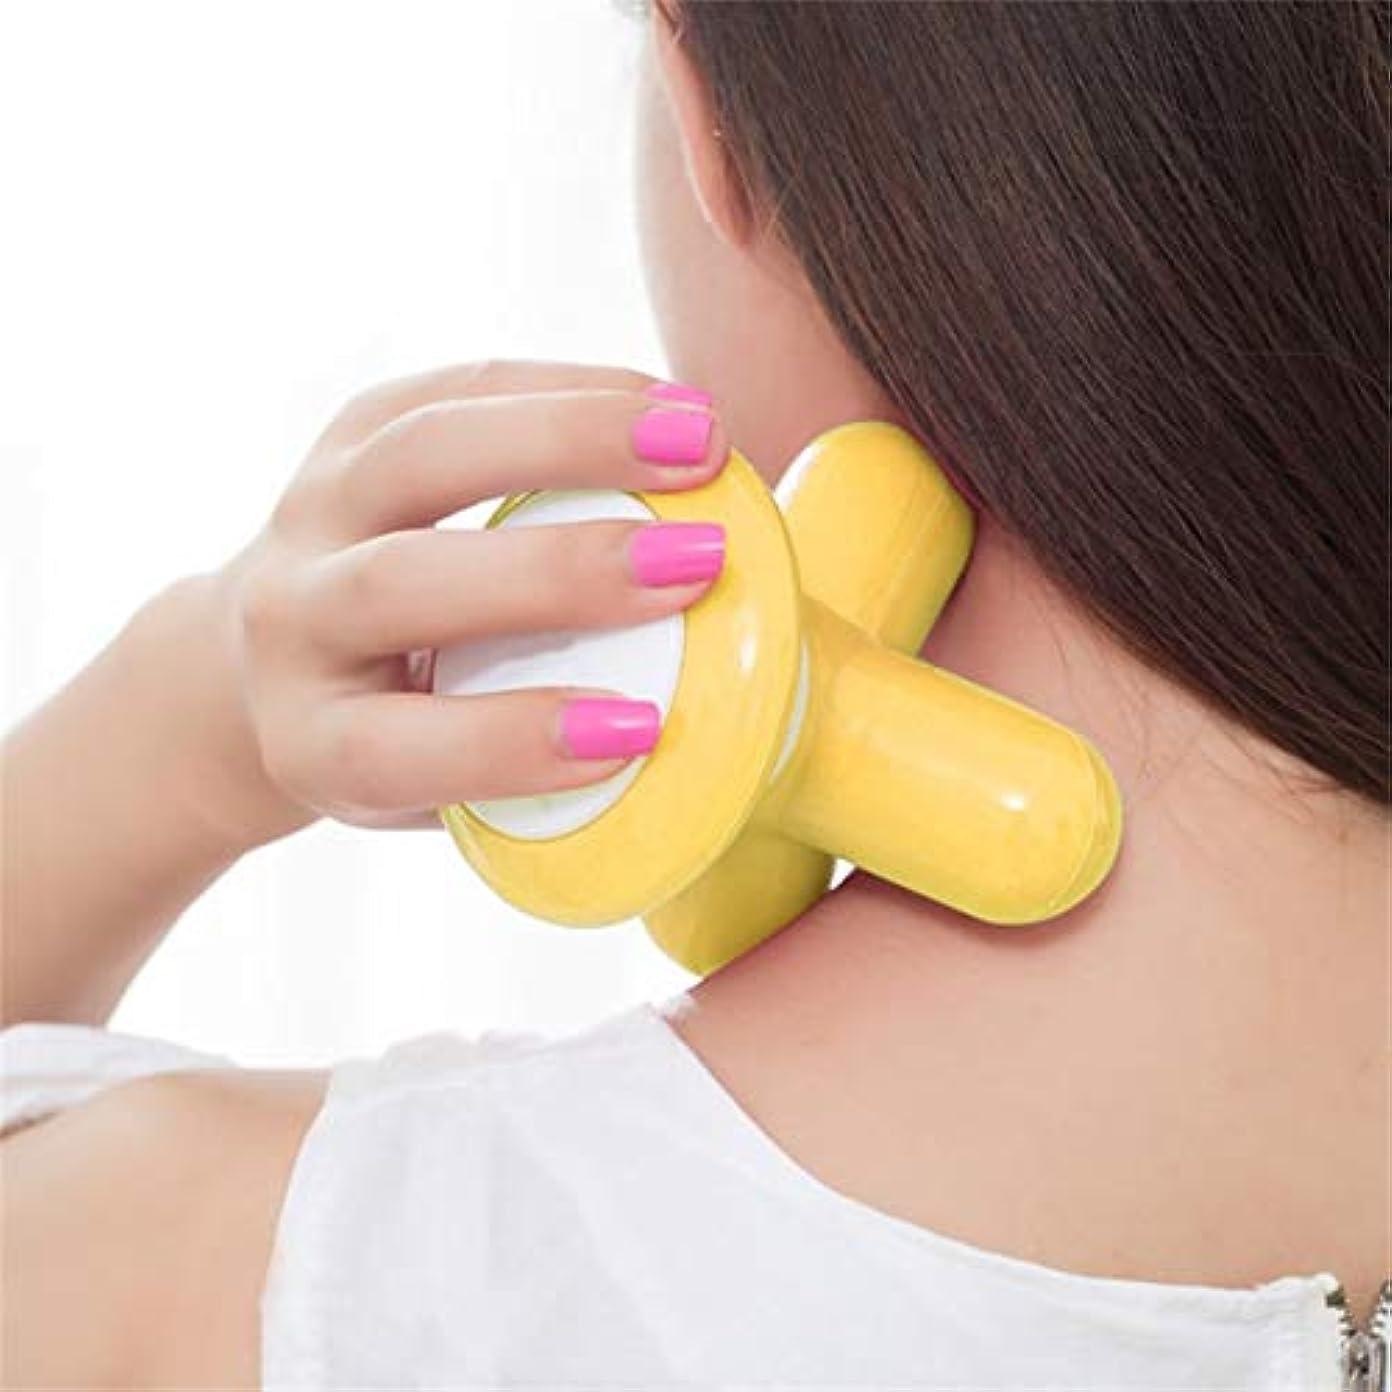 チャンバーシンプトンそばにMini Electric Handled Wave Vibrating Massager USB Battery Full Body Massage Ultra-compact Lightweight Convenient...